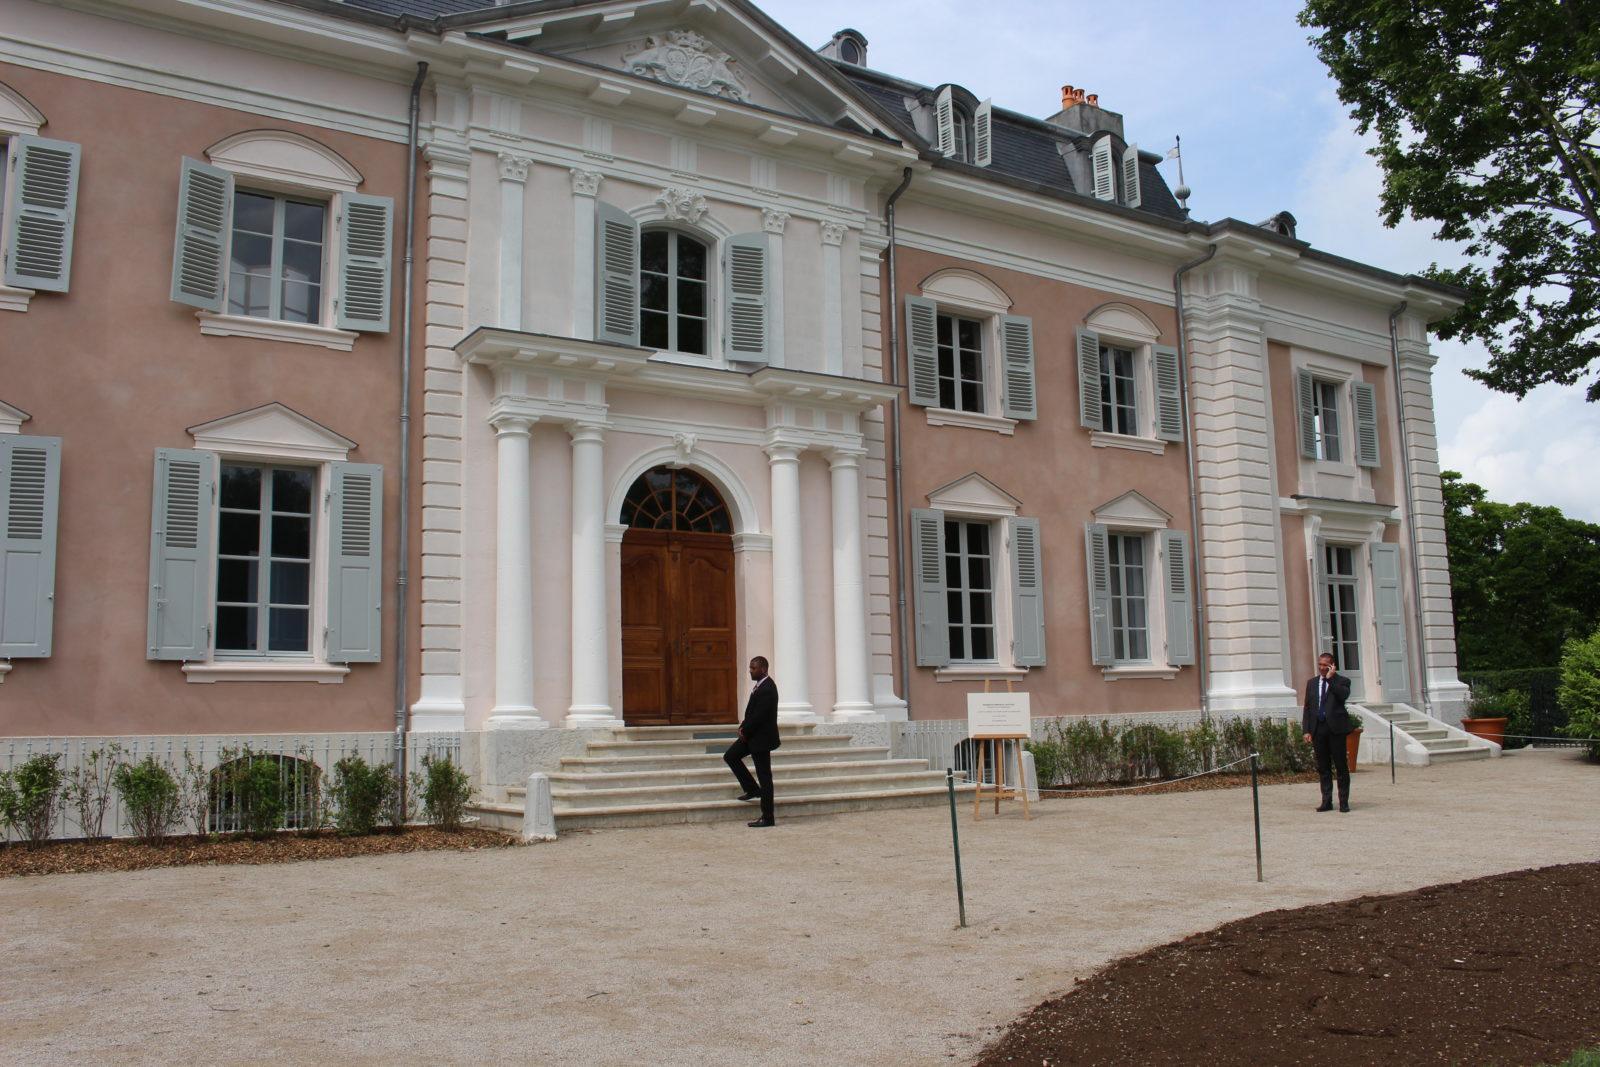 château de Ferney Voltaire façade rénovée 2018